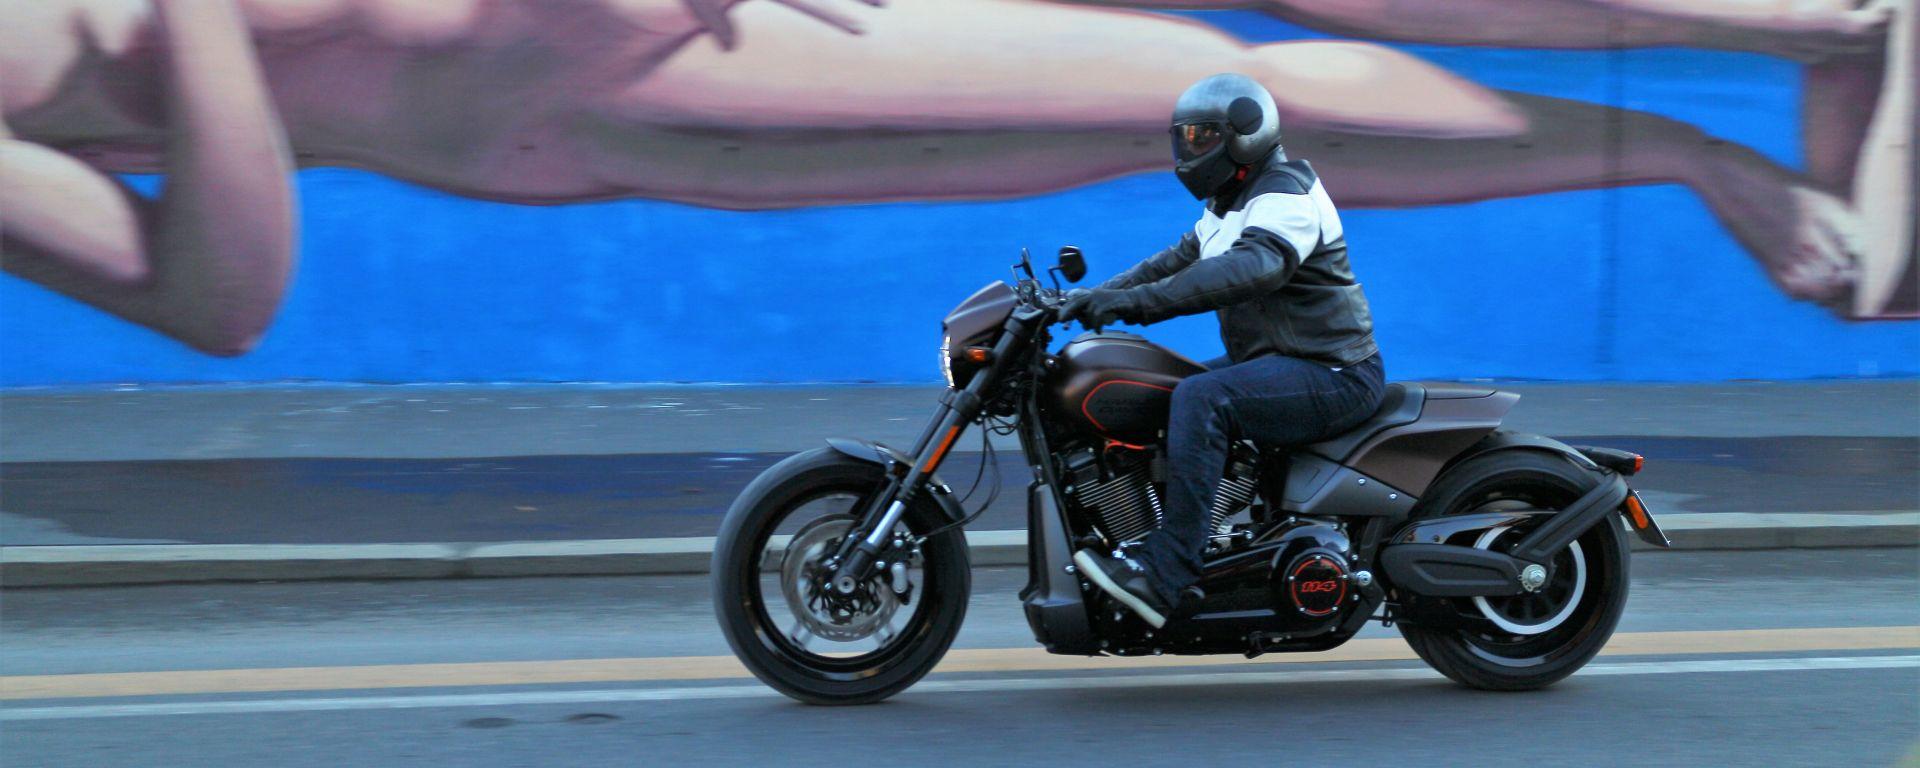 Harley-Davidson FXDR 114: la prova su strada